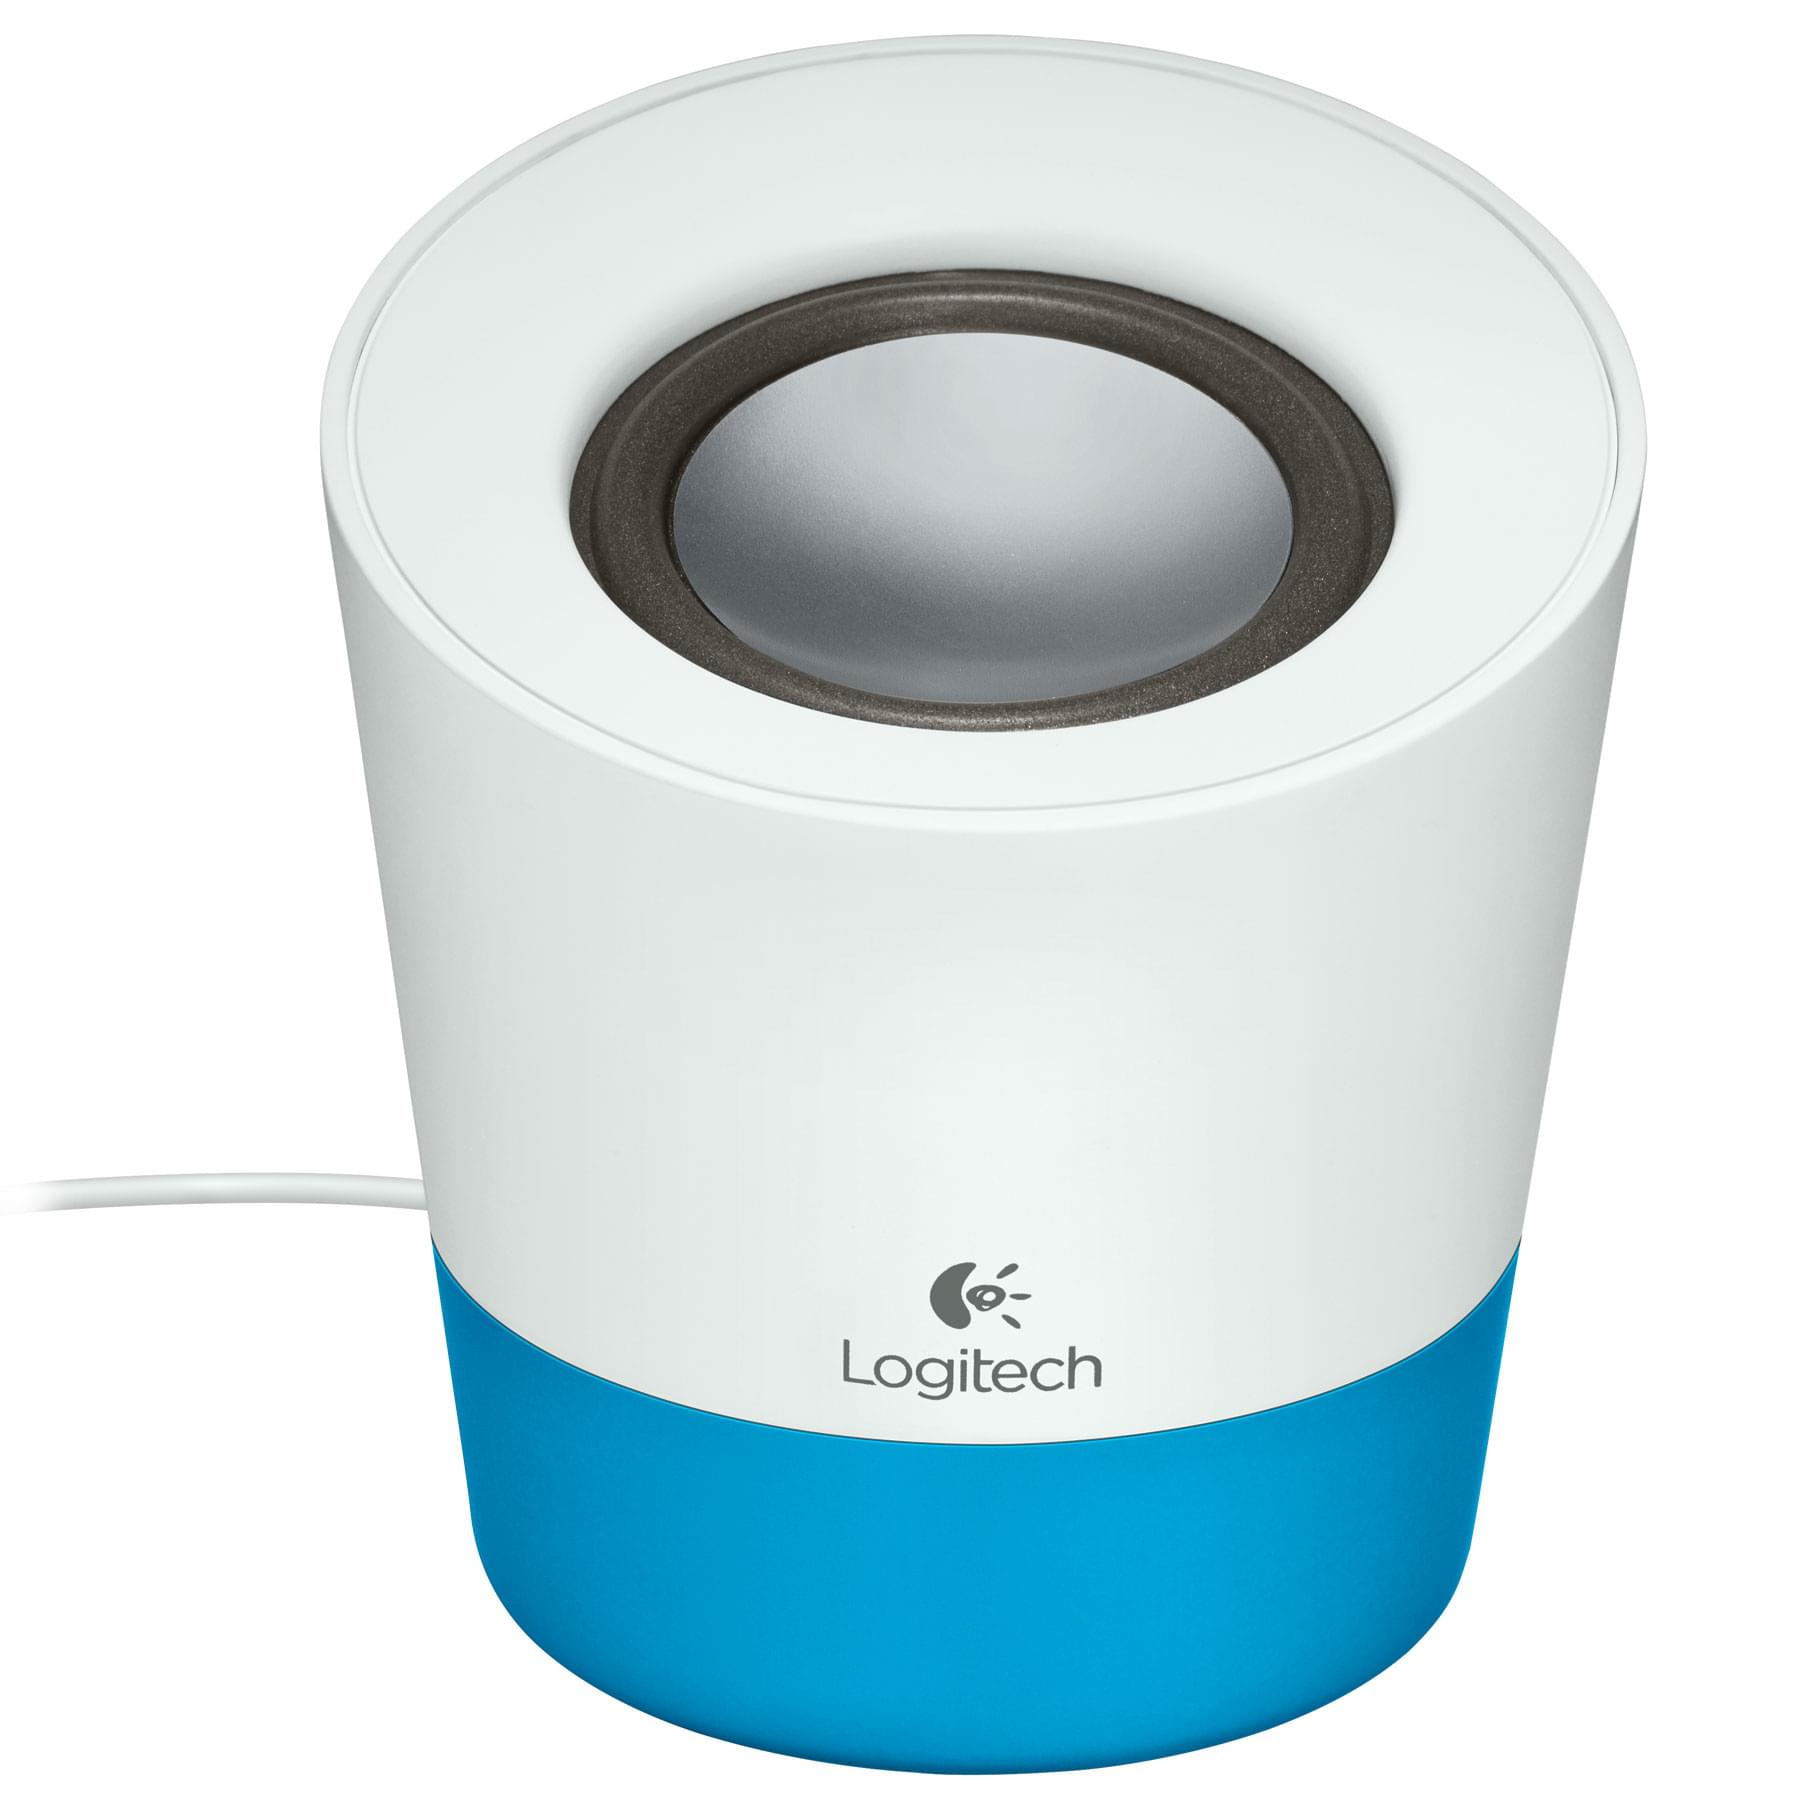 Logitech Z50 Ocean Blue - Enceinte PC Logitech - Cybertek.fr - 0